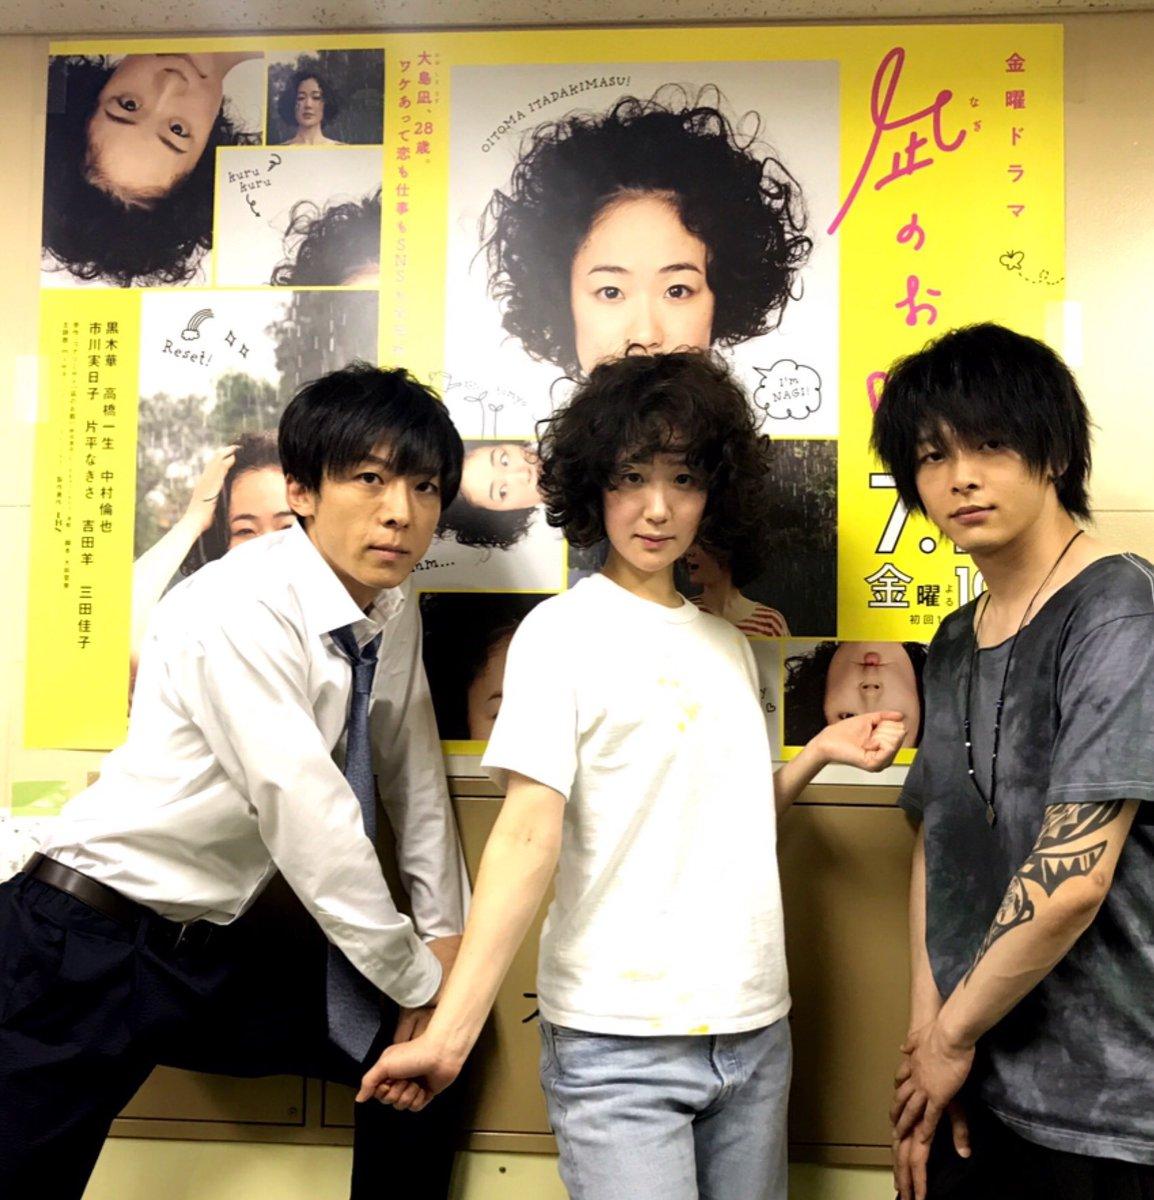 金曜ドラマ『凪のお暇』(なぎのおいとま)🌻@TBSテレビ on